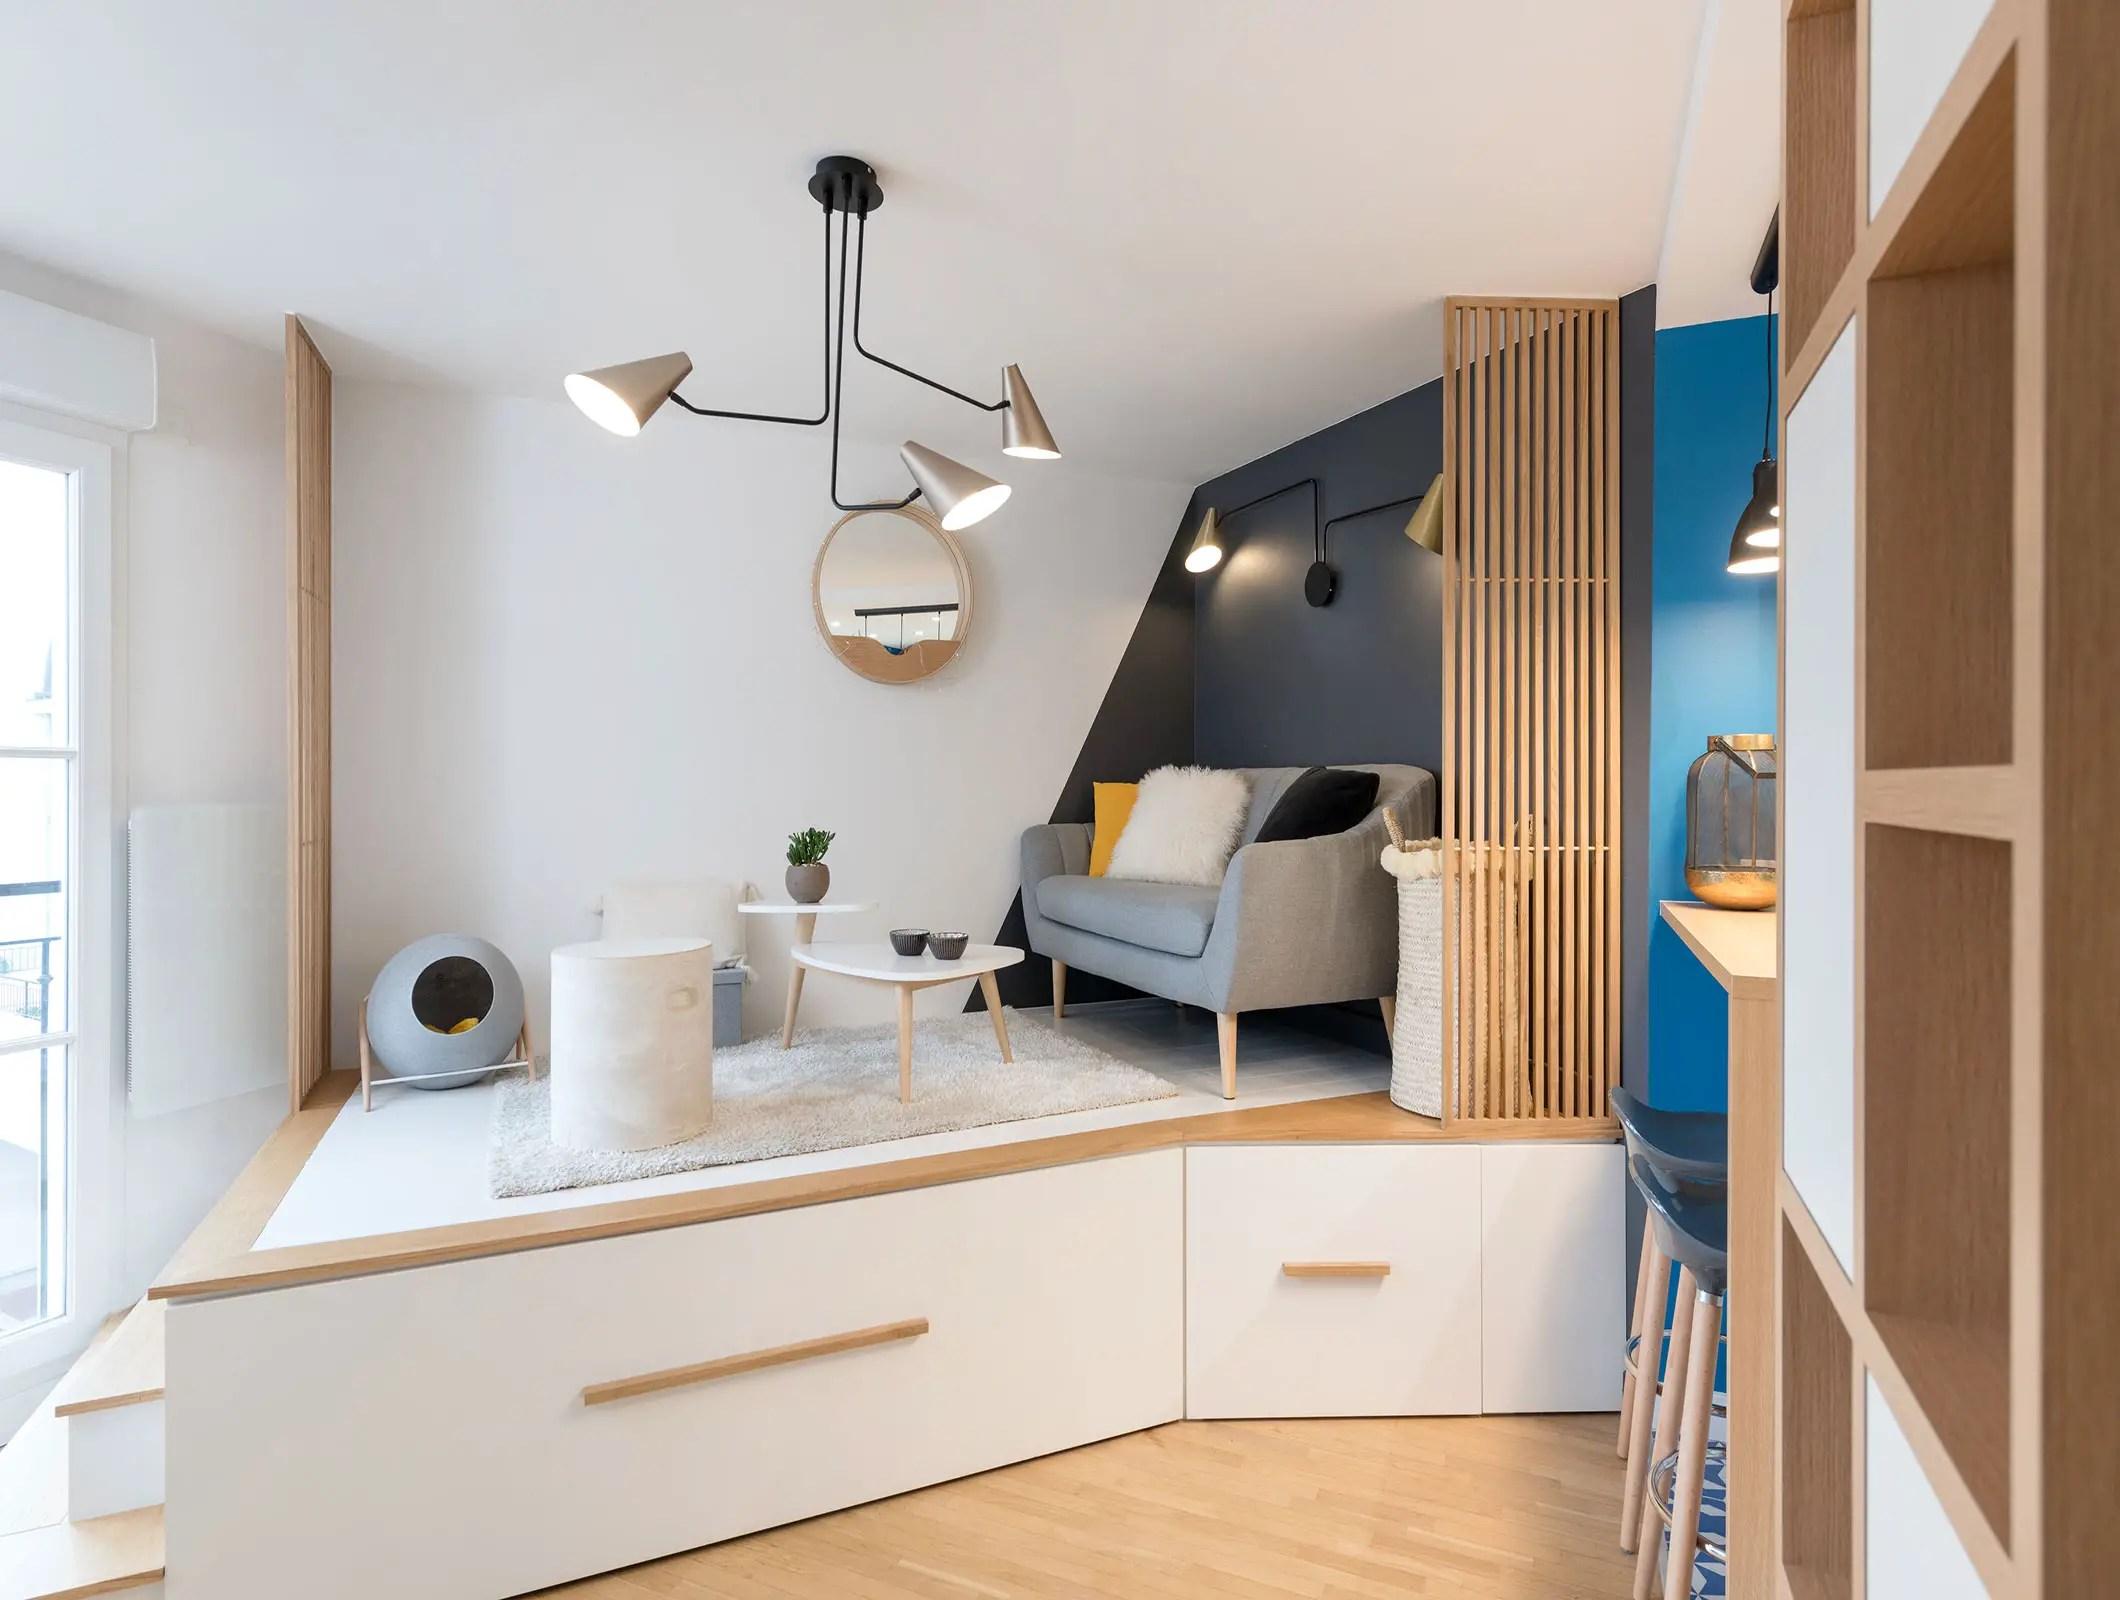 Ce studio de 200m20 près de Paris cache un lit astucieux - PLANETE